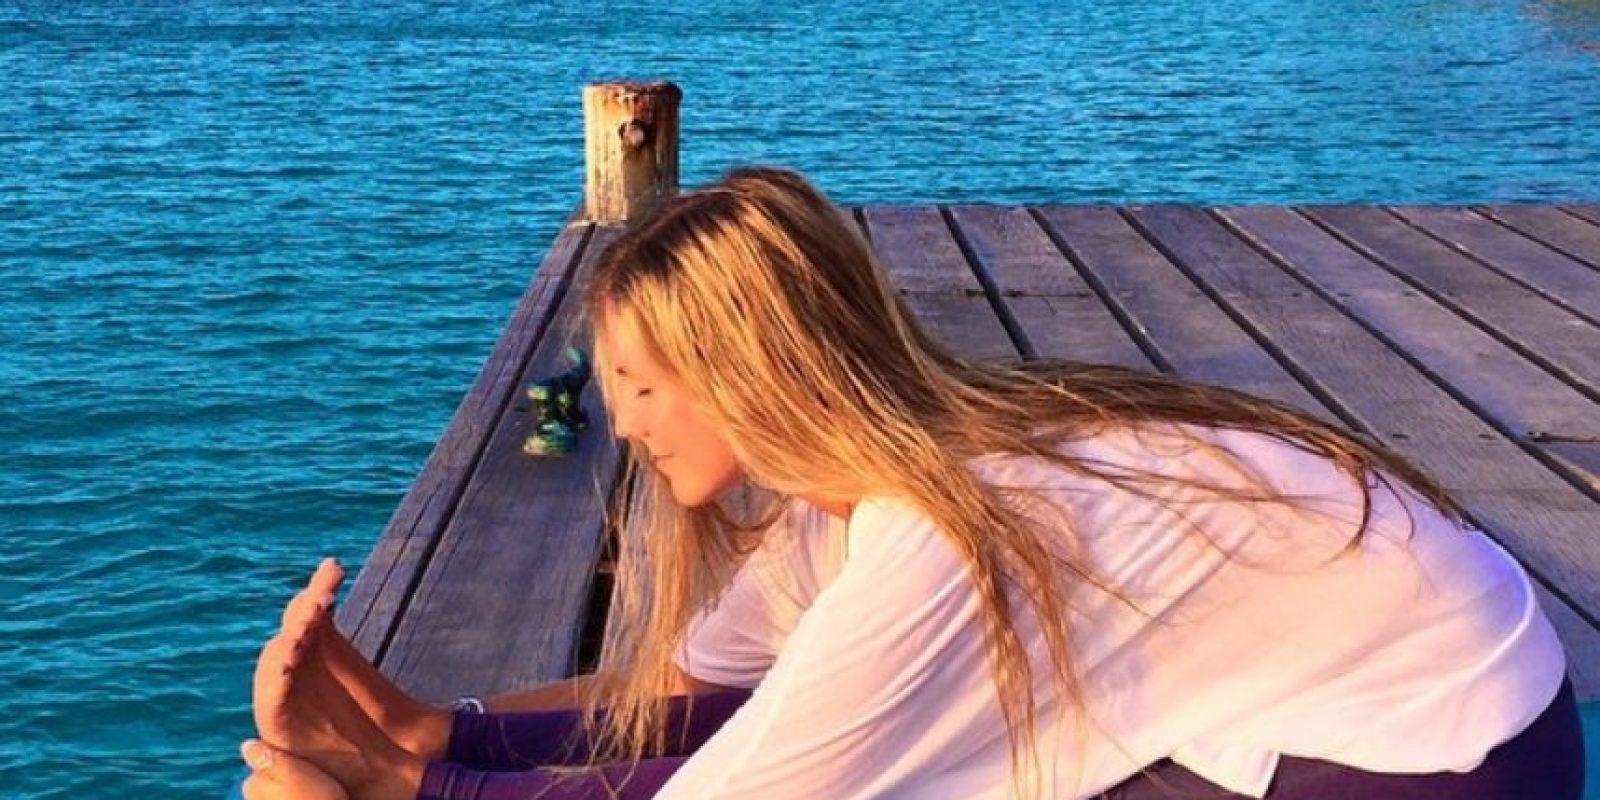 3. Ana Paula describe el yoga como una disciplina que te enseña a estar presente en tu vida, te brinda salud física, mental y espiritual Foto:Instagram: yoga_girl